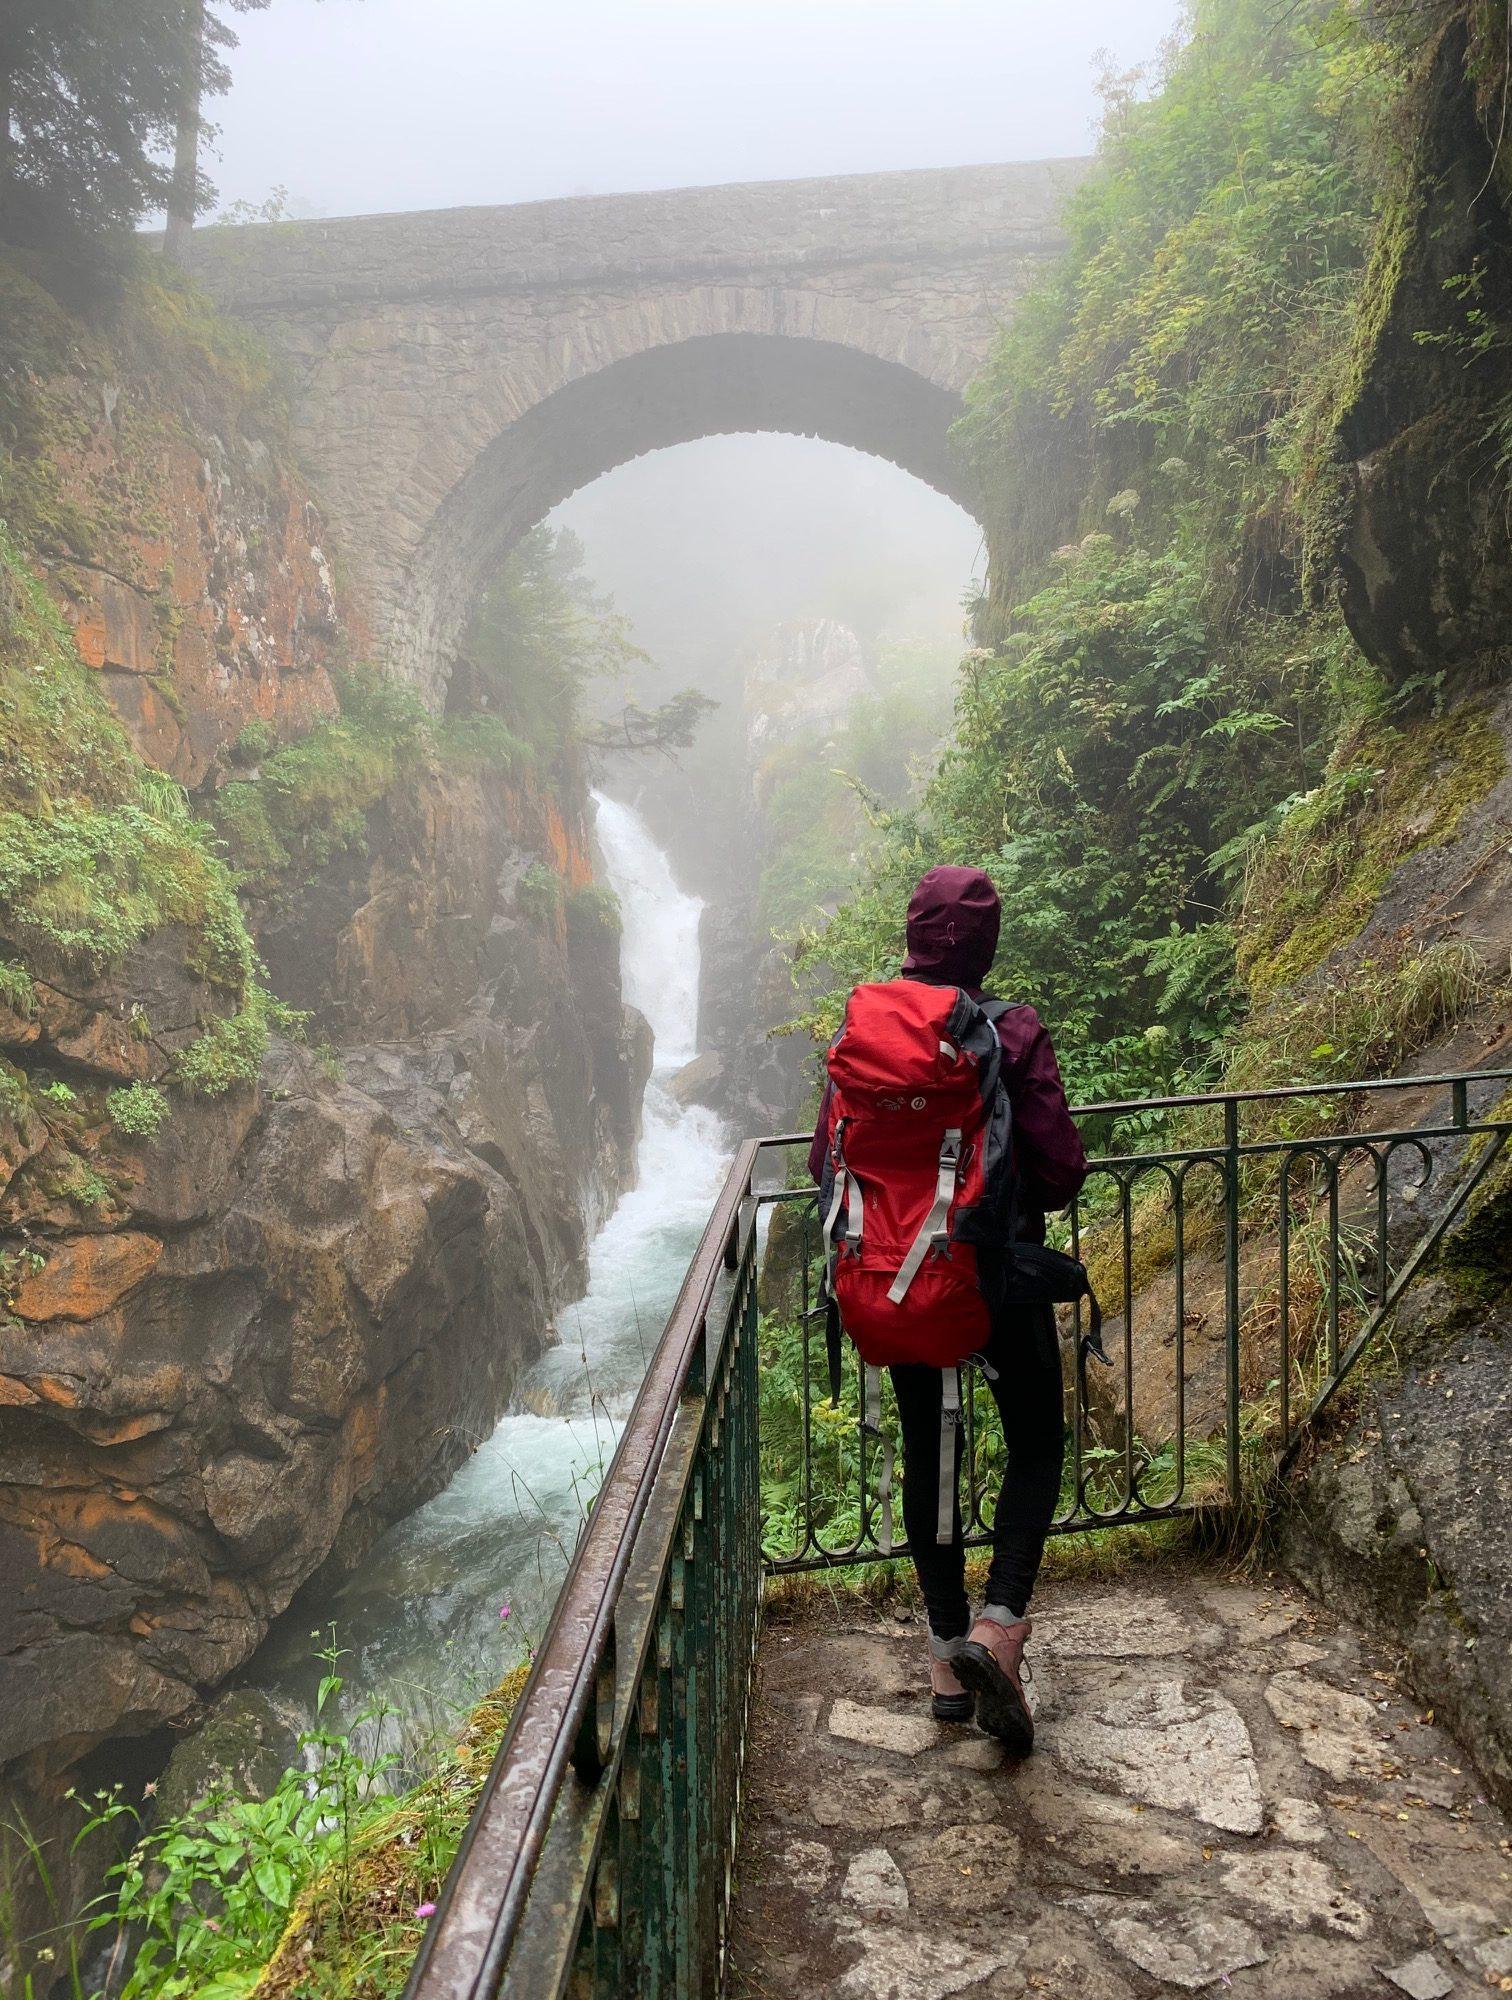 pont d'espagne cauterets hautes pyrénées